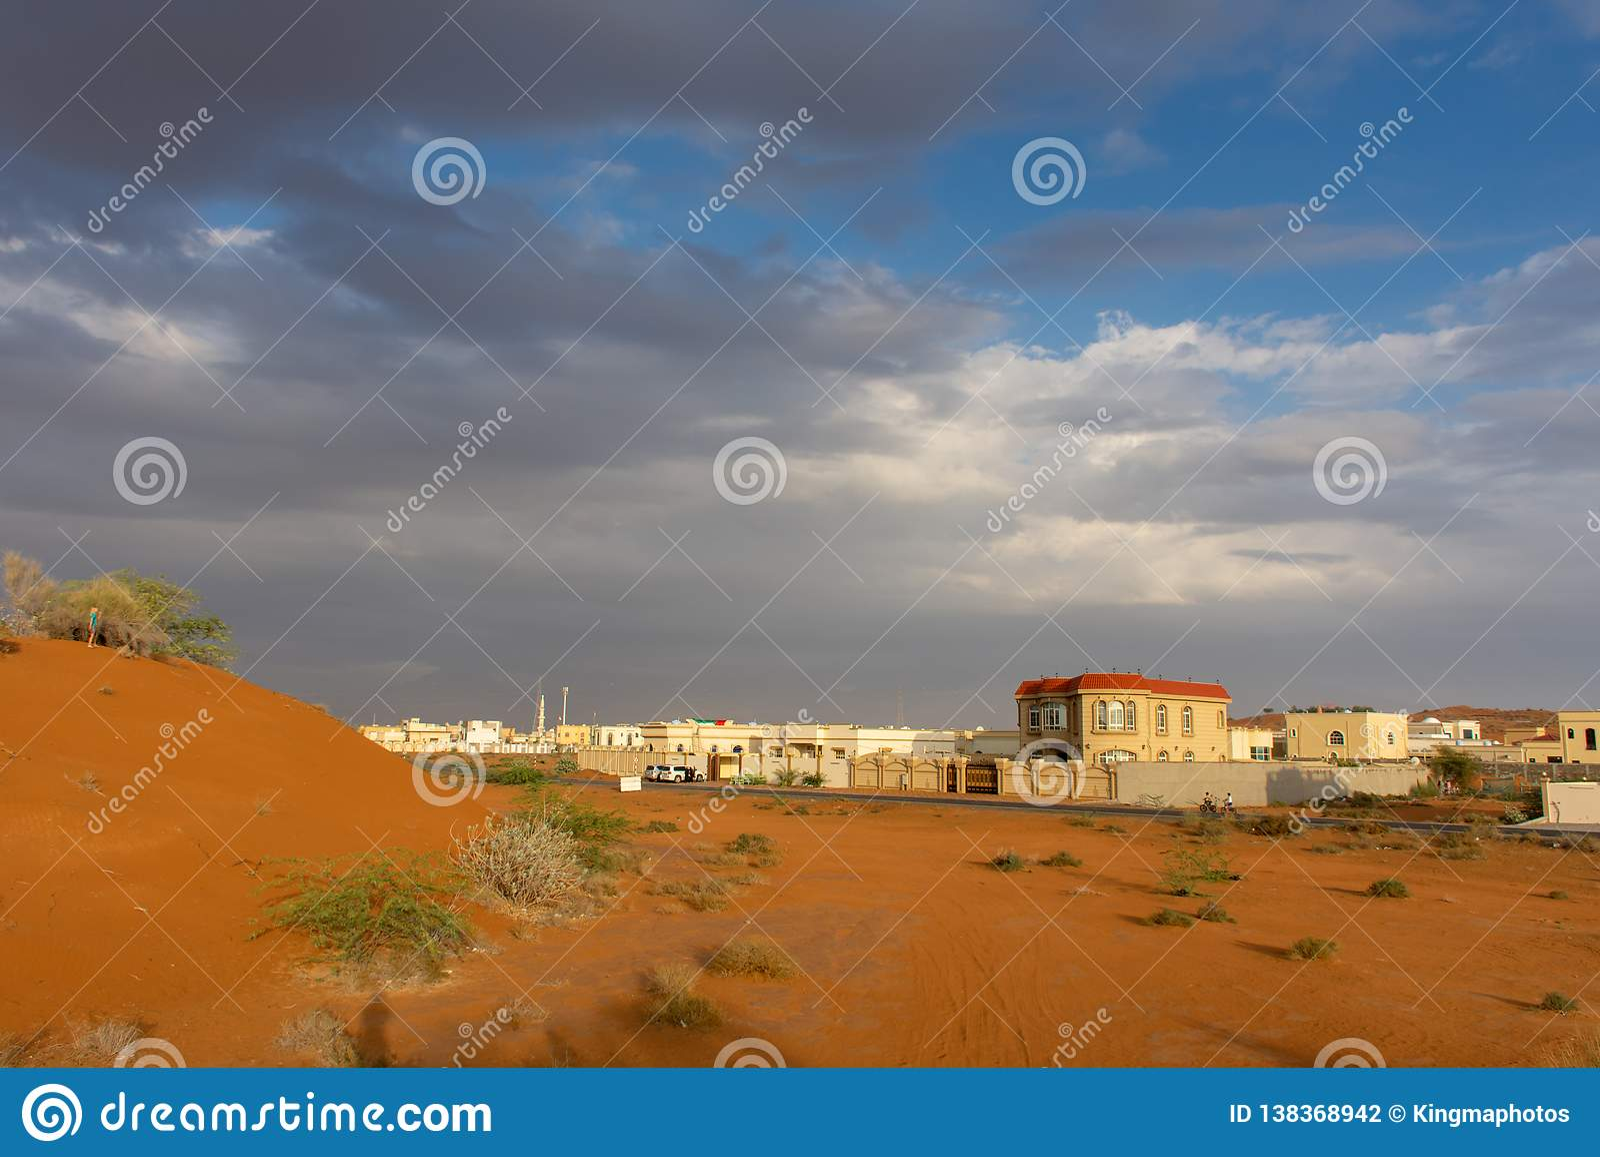 Uma noite tormentoso nos UAE com nuvens escuras e o céu azul sobre a cidade e as dunas de areia alaranjadas